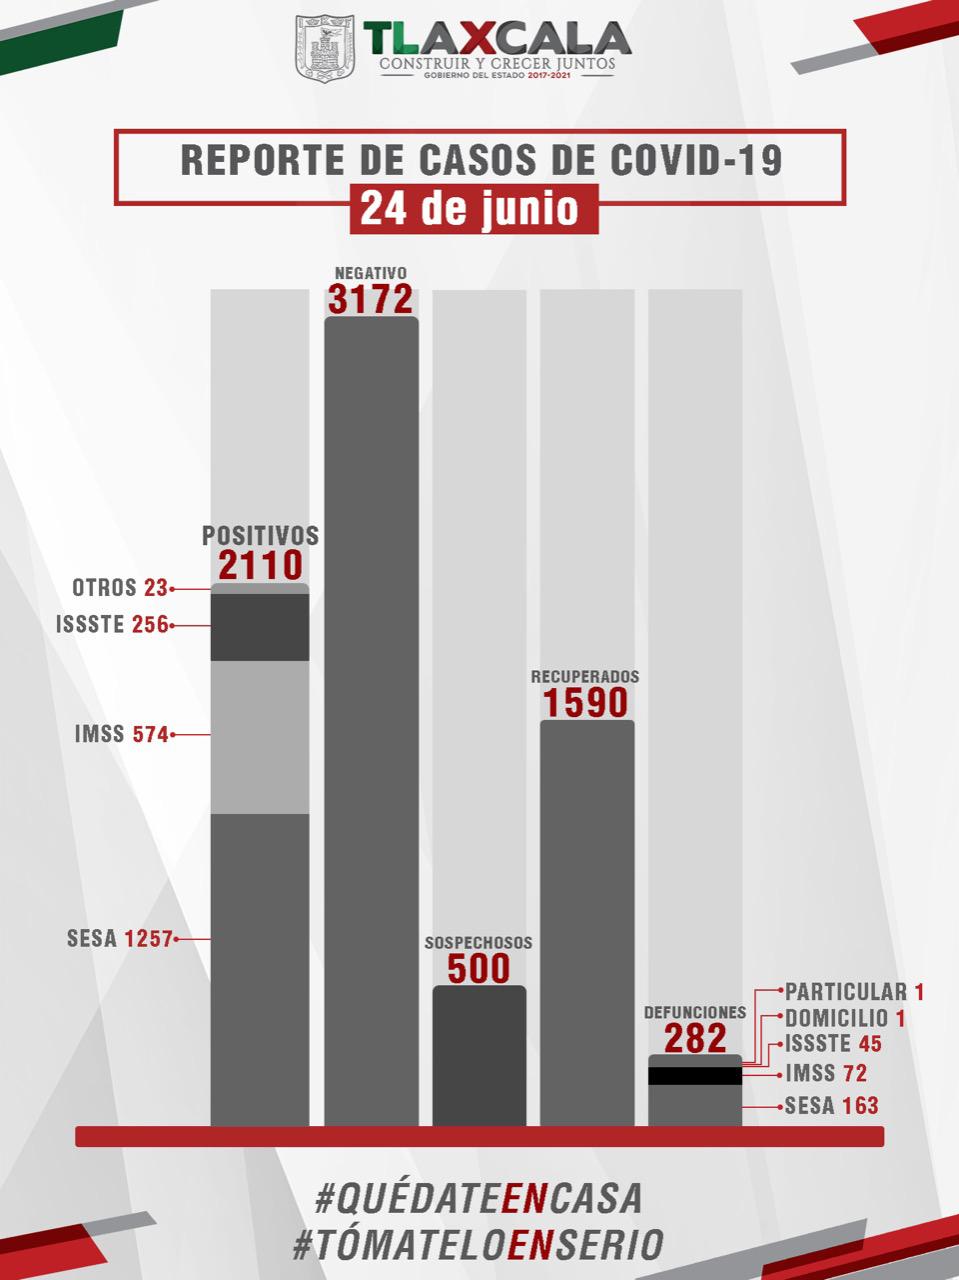 CONFIRMA SESA 79 PERSONAS RECUPERADAS  Y 8 FALLECIMIENTOS DE COVID-19 EN TLAXCALA